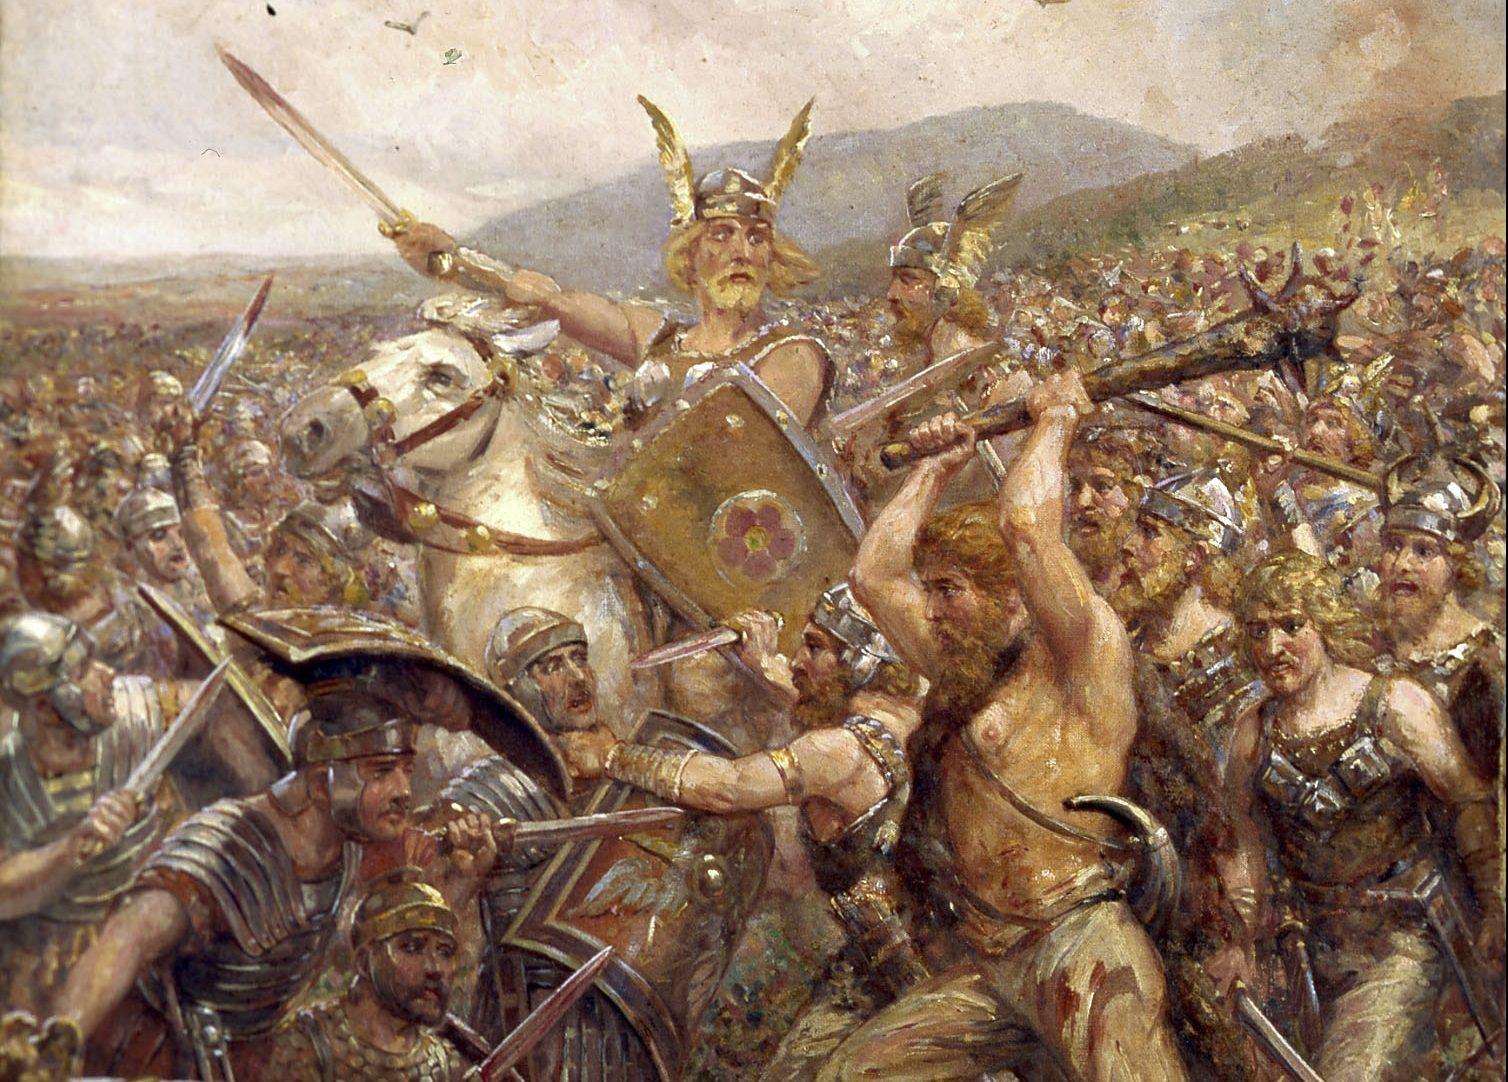 Assalto-germanico-alle-legioni-romane_cover-e1626850026257